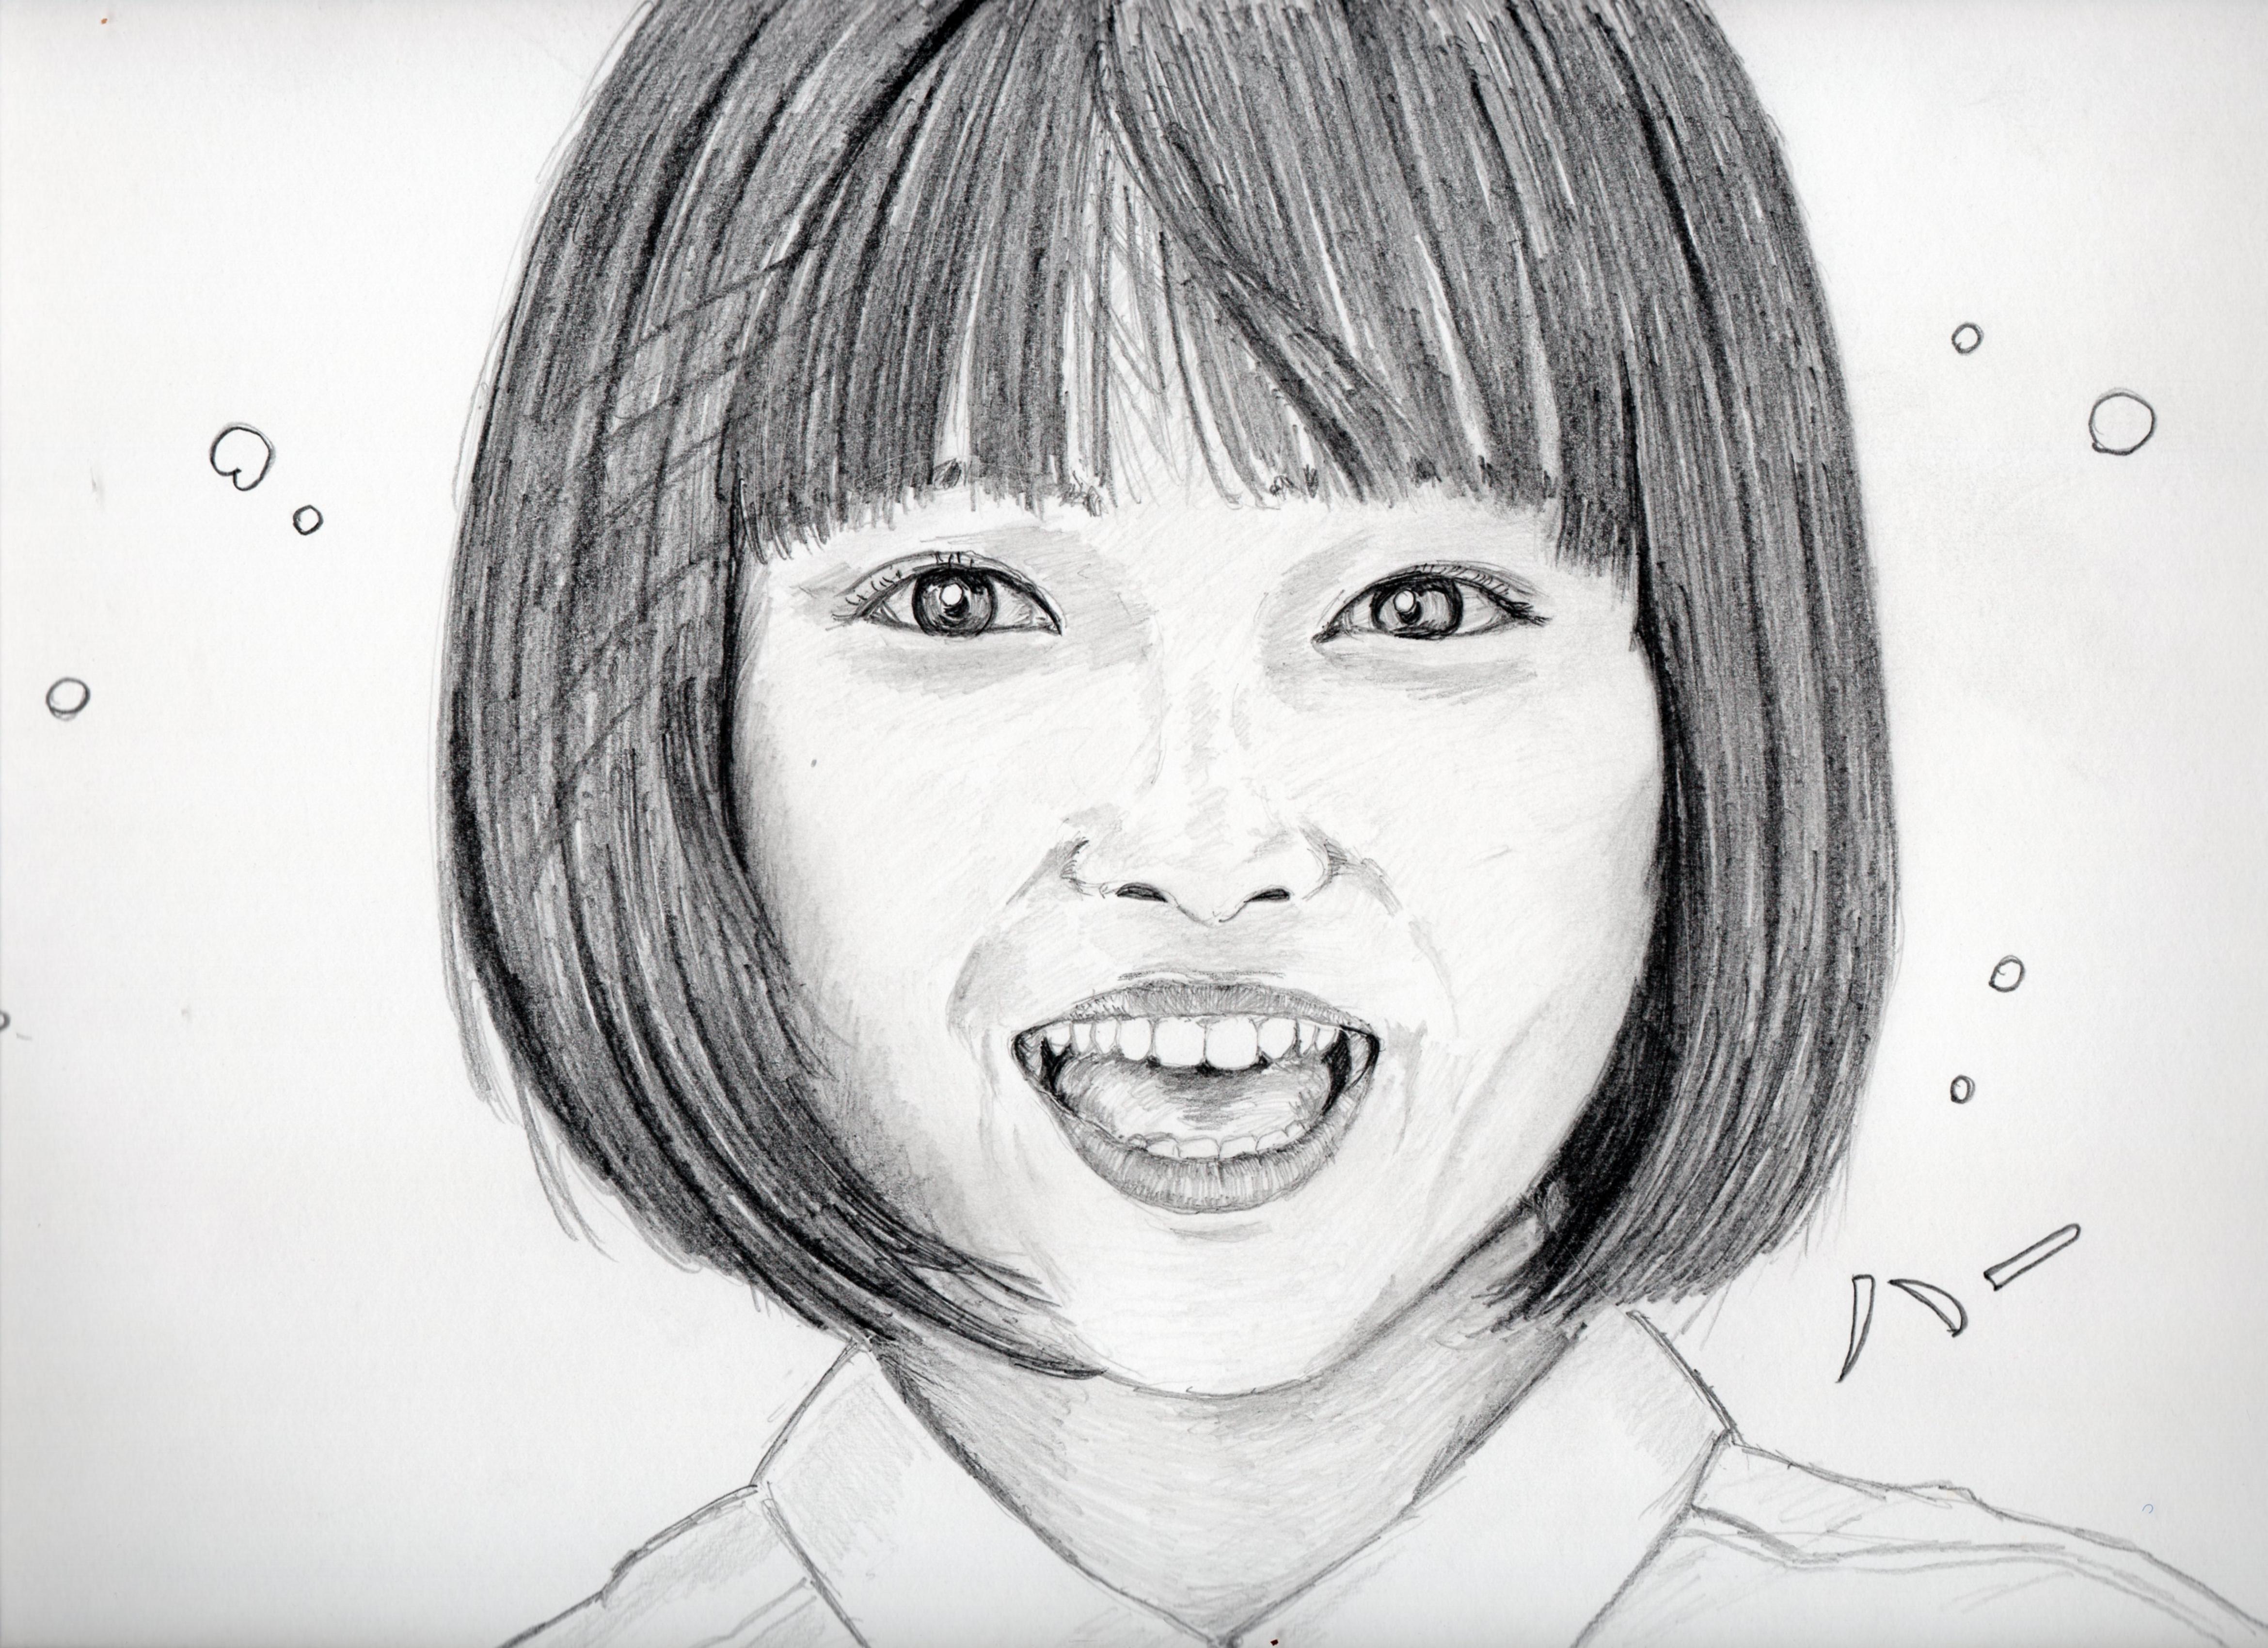 広瀬すずの鉛筆画似顔絵